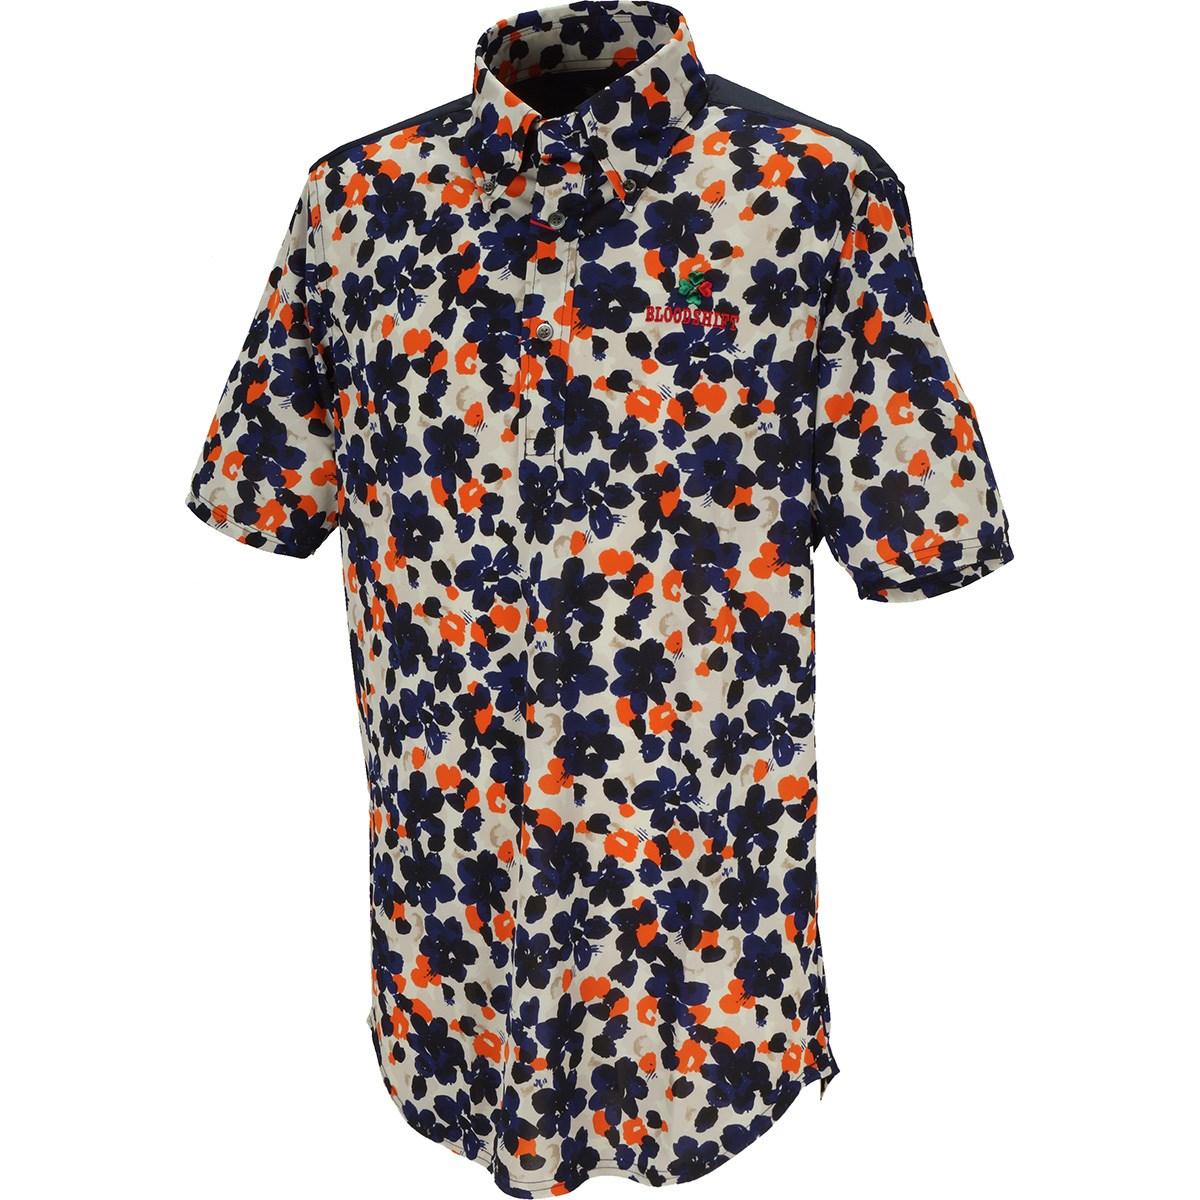 ブラッドシフト ヨークカラーリングボタンダウン半袖ポロシャツ